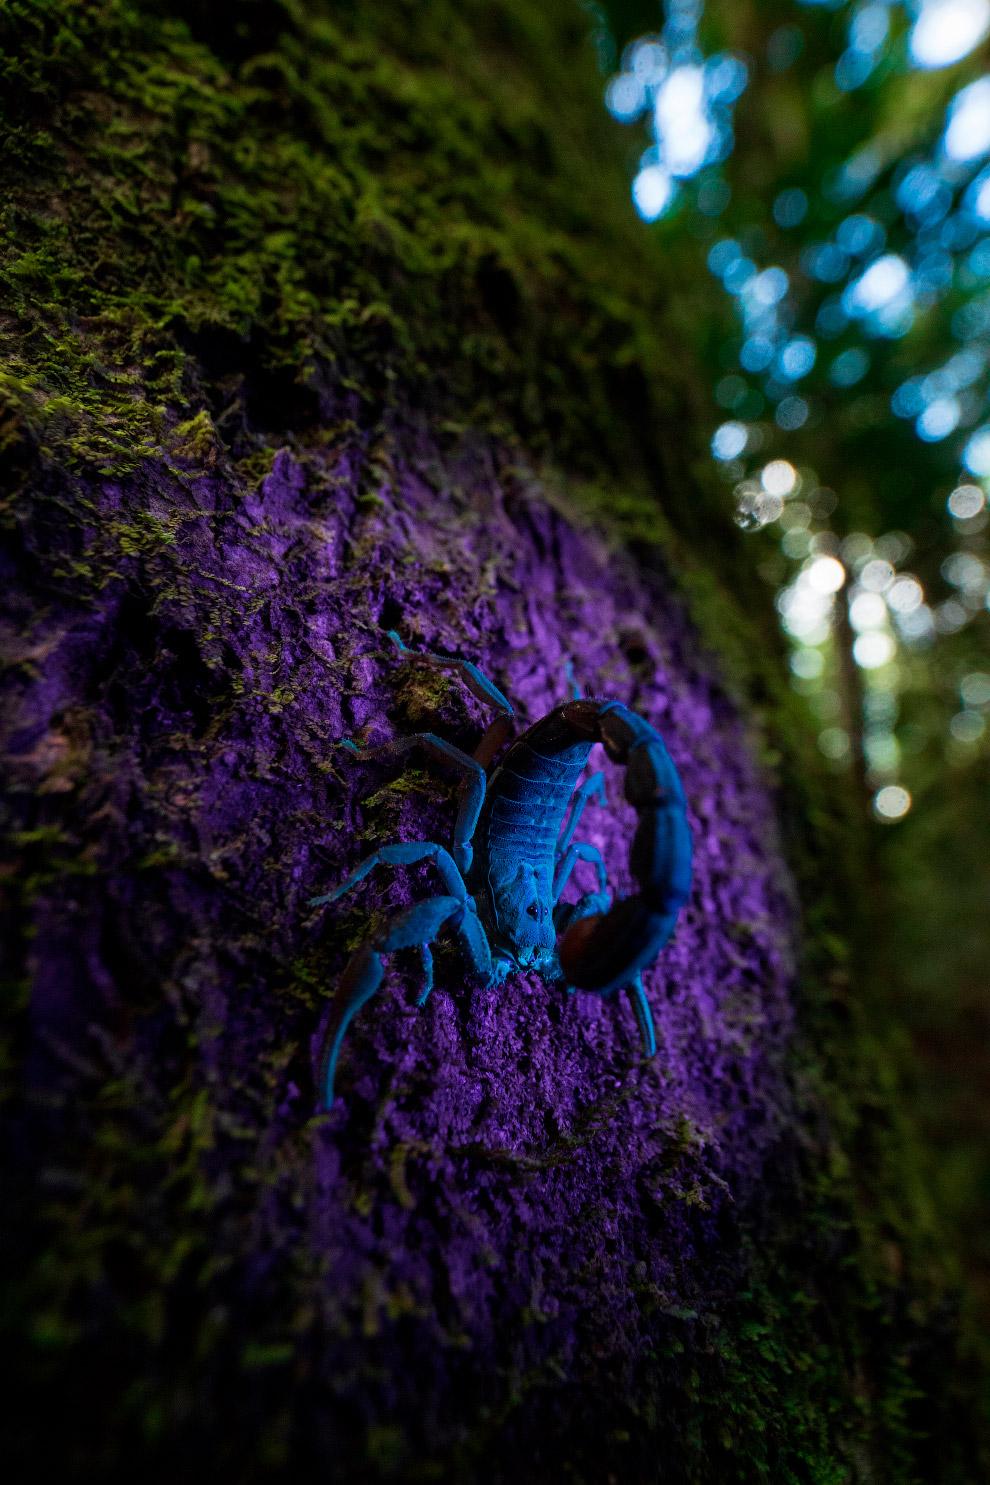 Маленький скорпион светится под ультрафиолетовым светом